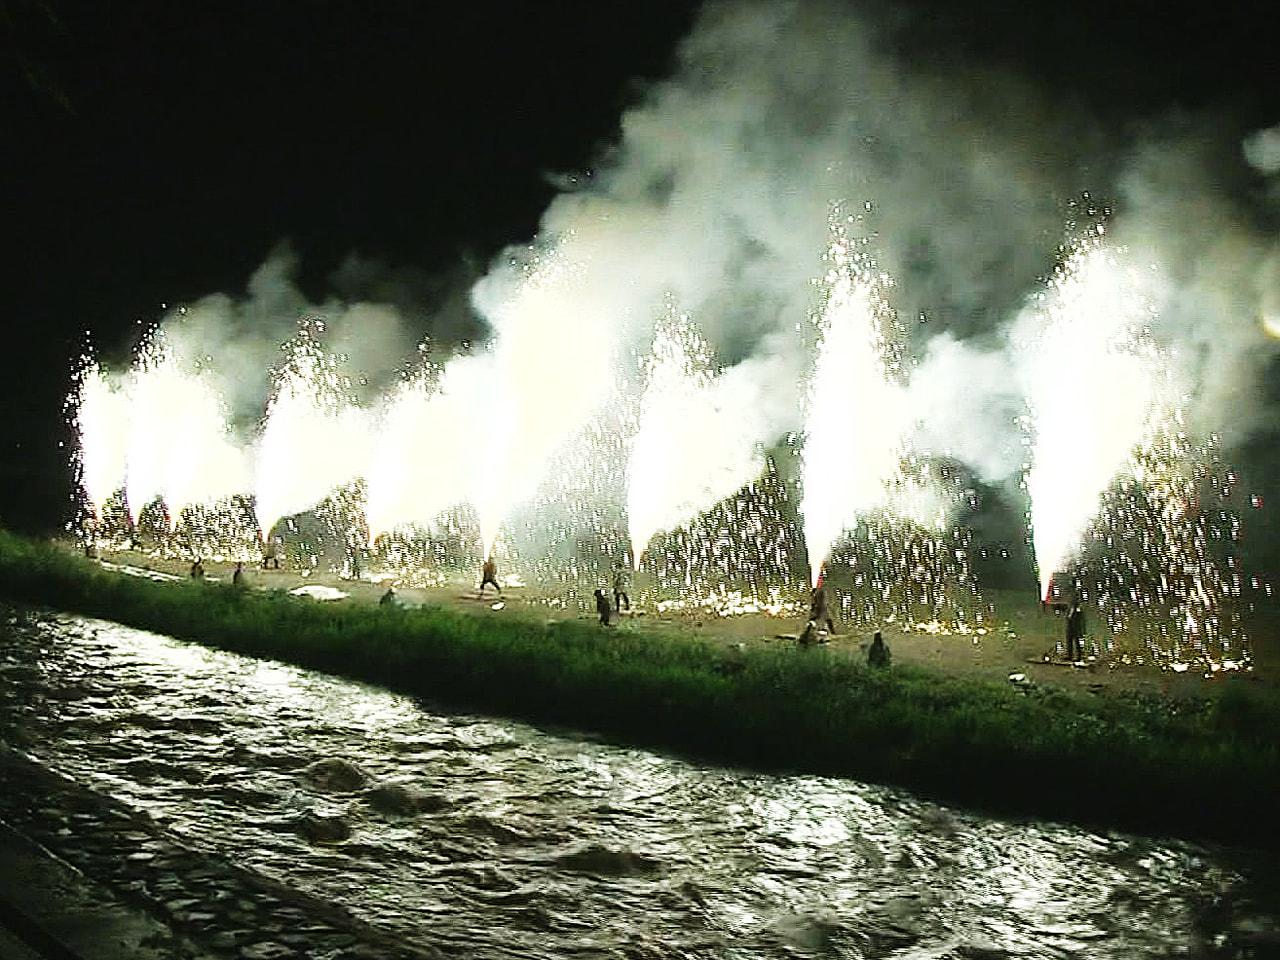 飛騨高山の夏の風物詩手筒花火の打ち上げが、岐阜県高山市内の宮川河川敷で行われまし...